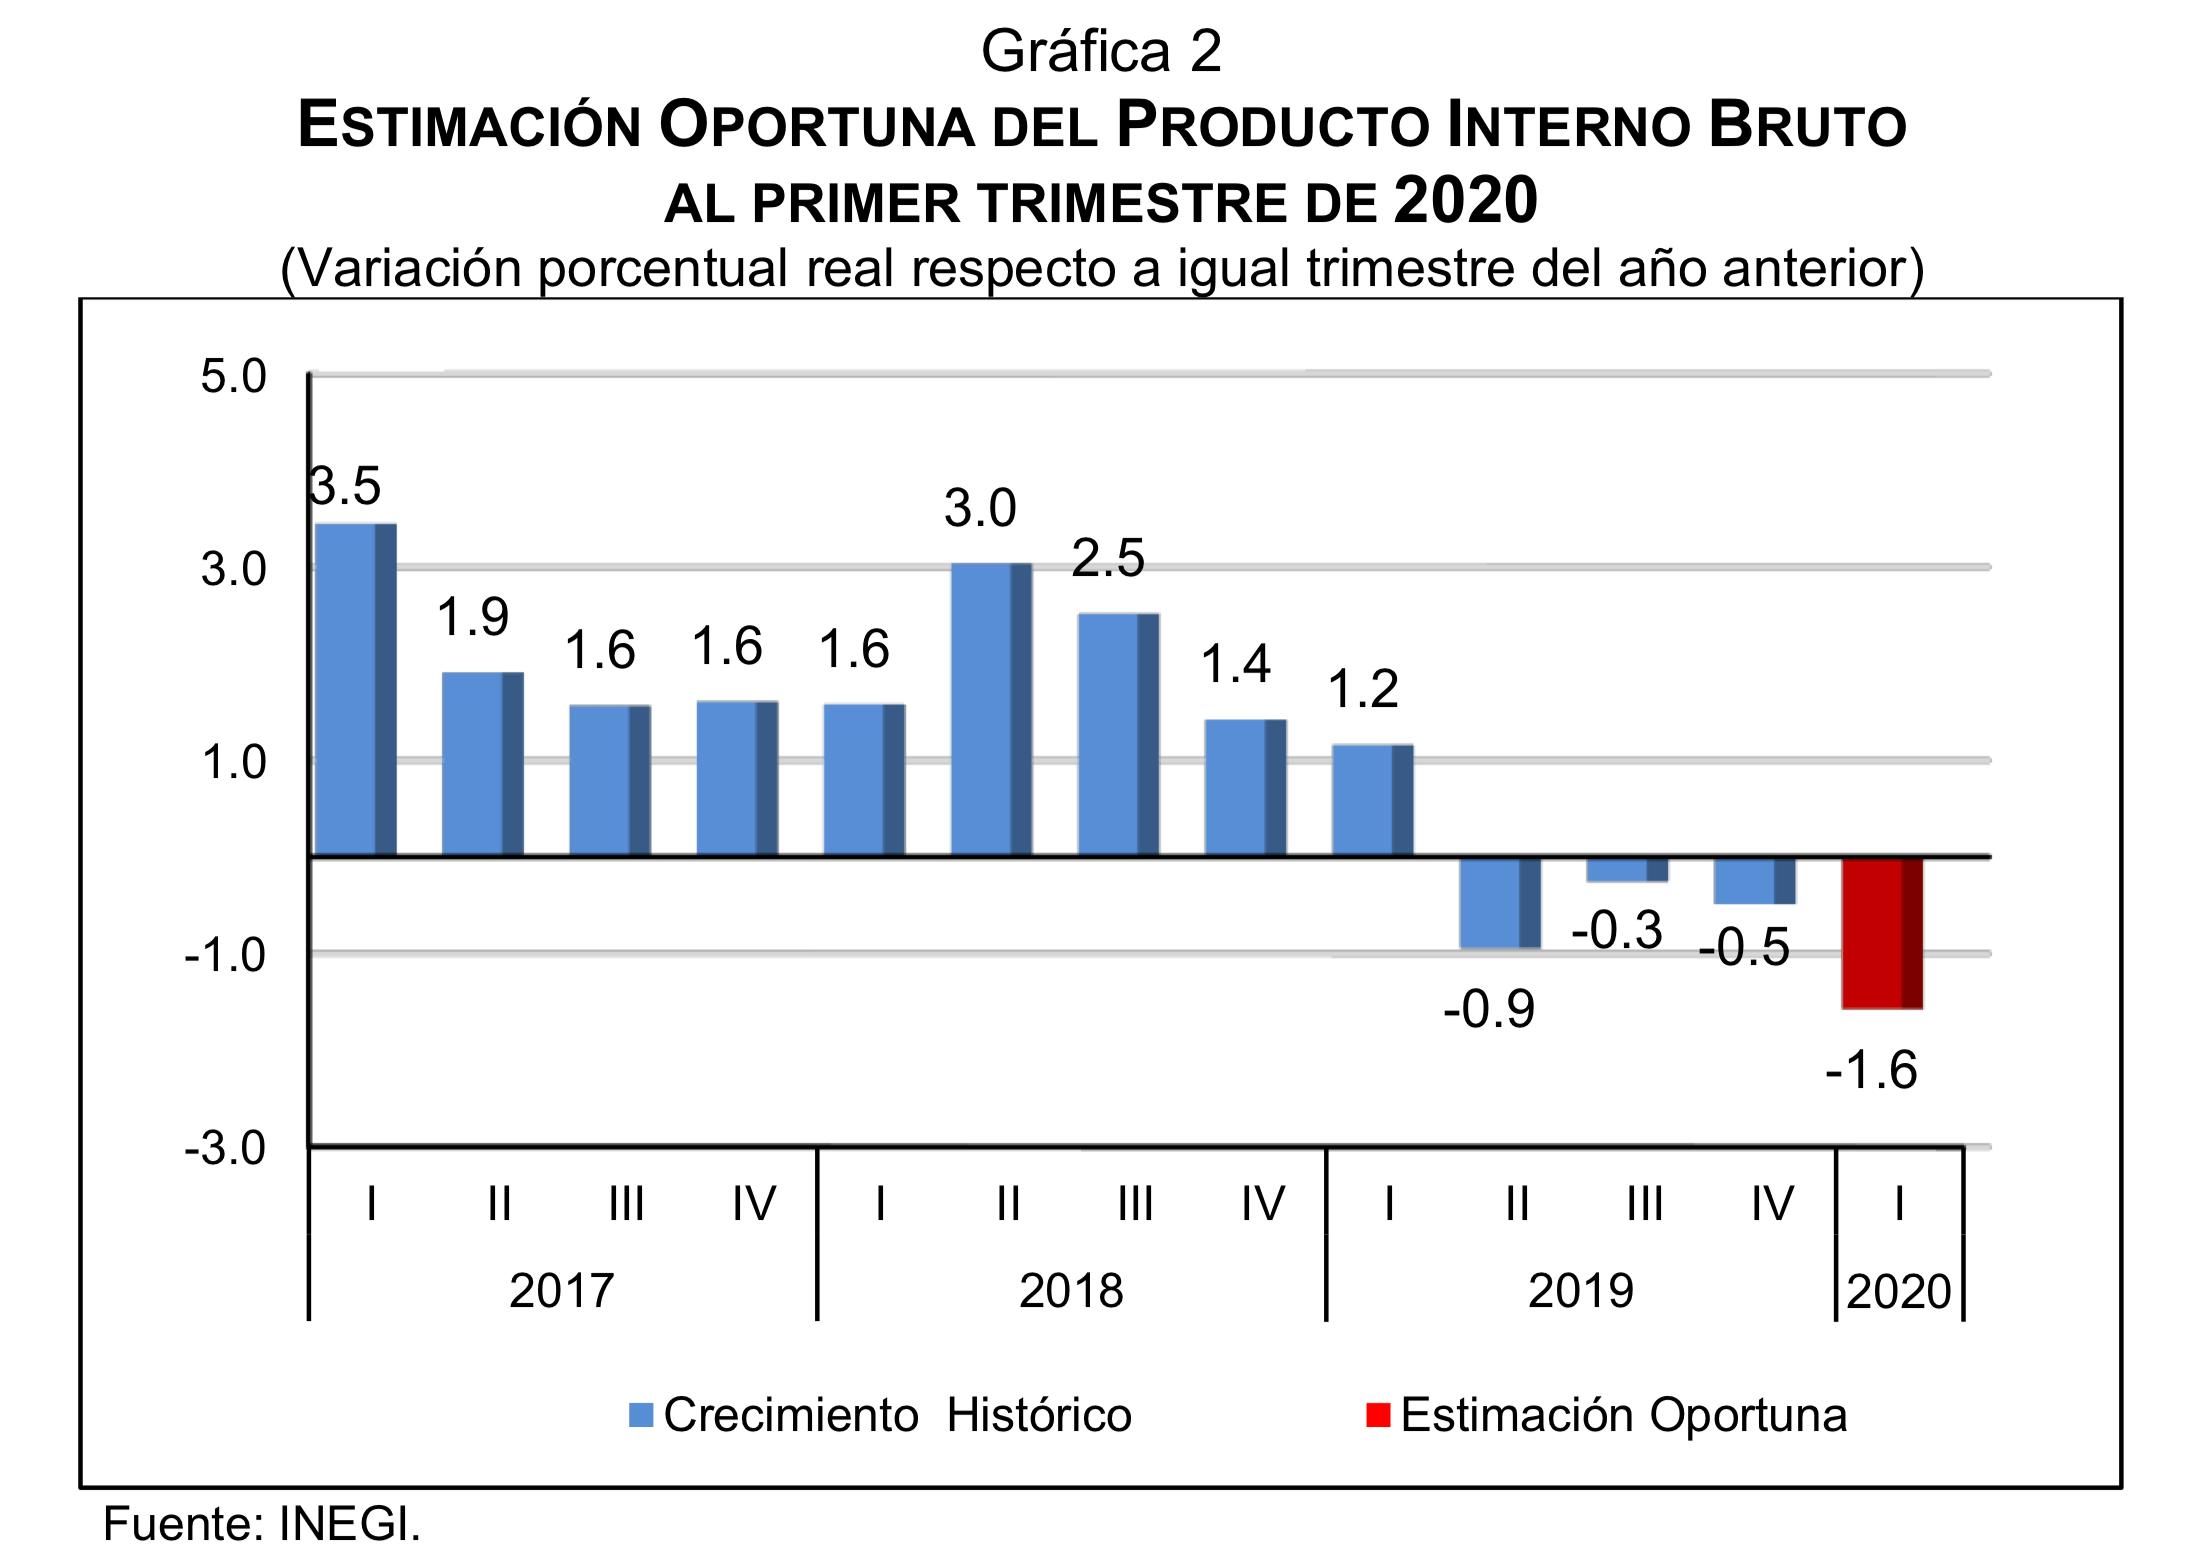 Variación Porcentual real respecto al igual trimestre del año anterior. Datos de INEGI.